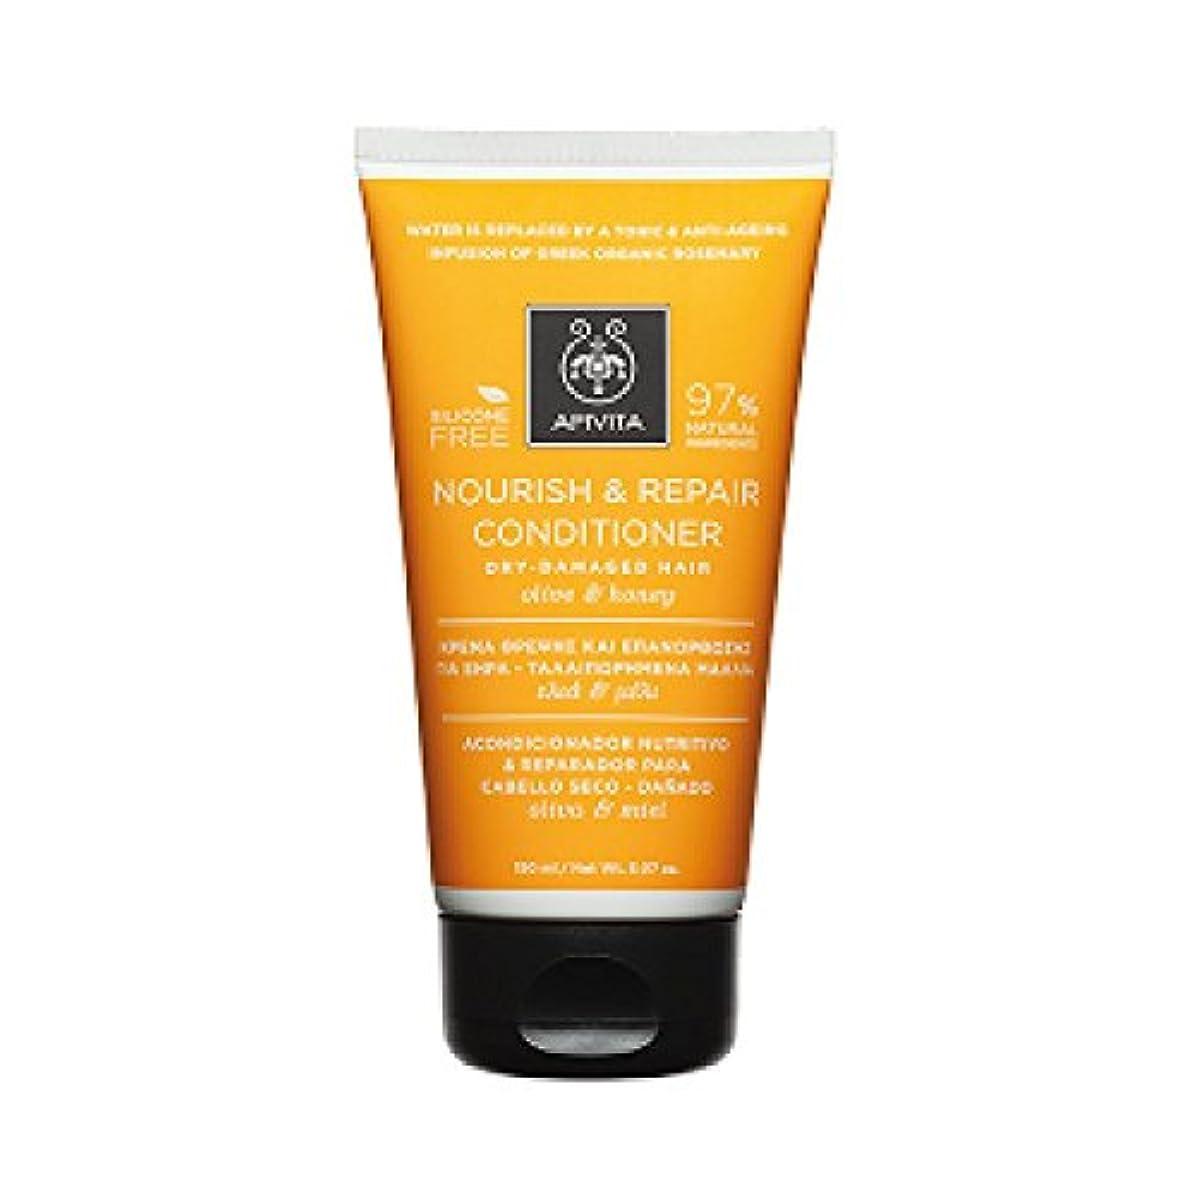 神経宿泊施設報いるアピヴィータ Nourish & Repair Conditioner with Olive & Honey (For Dry-Damaged Hair) 150ml [並行輸入品]